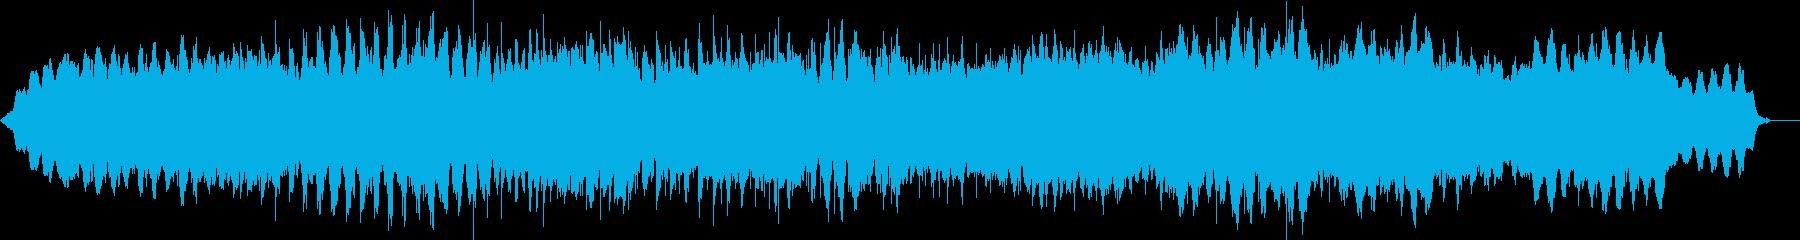 メロディを排除したヒーリング曲528Hzの再生済みの波形